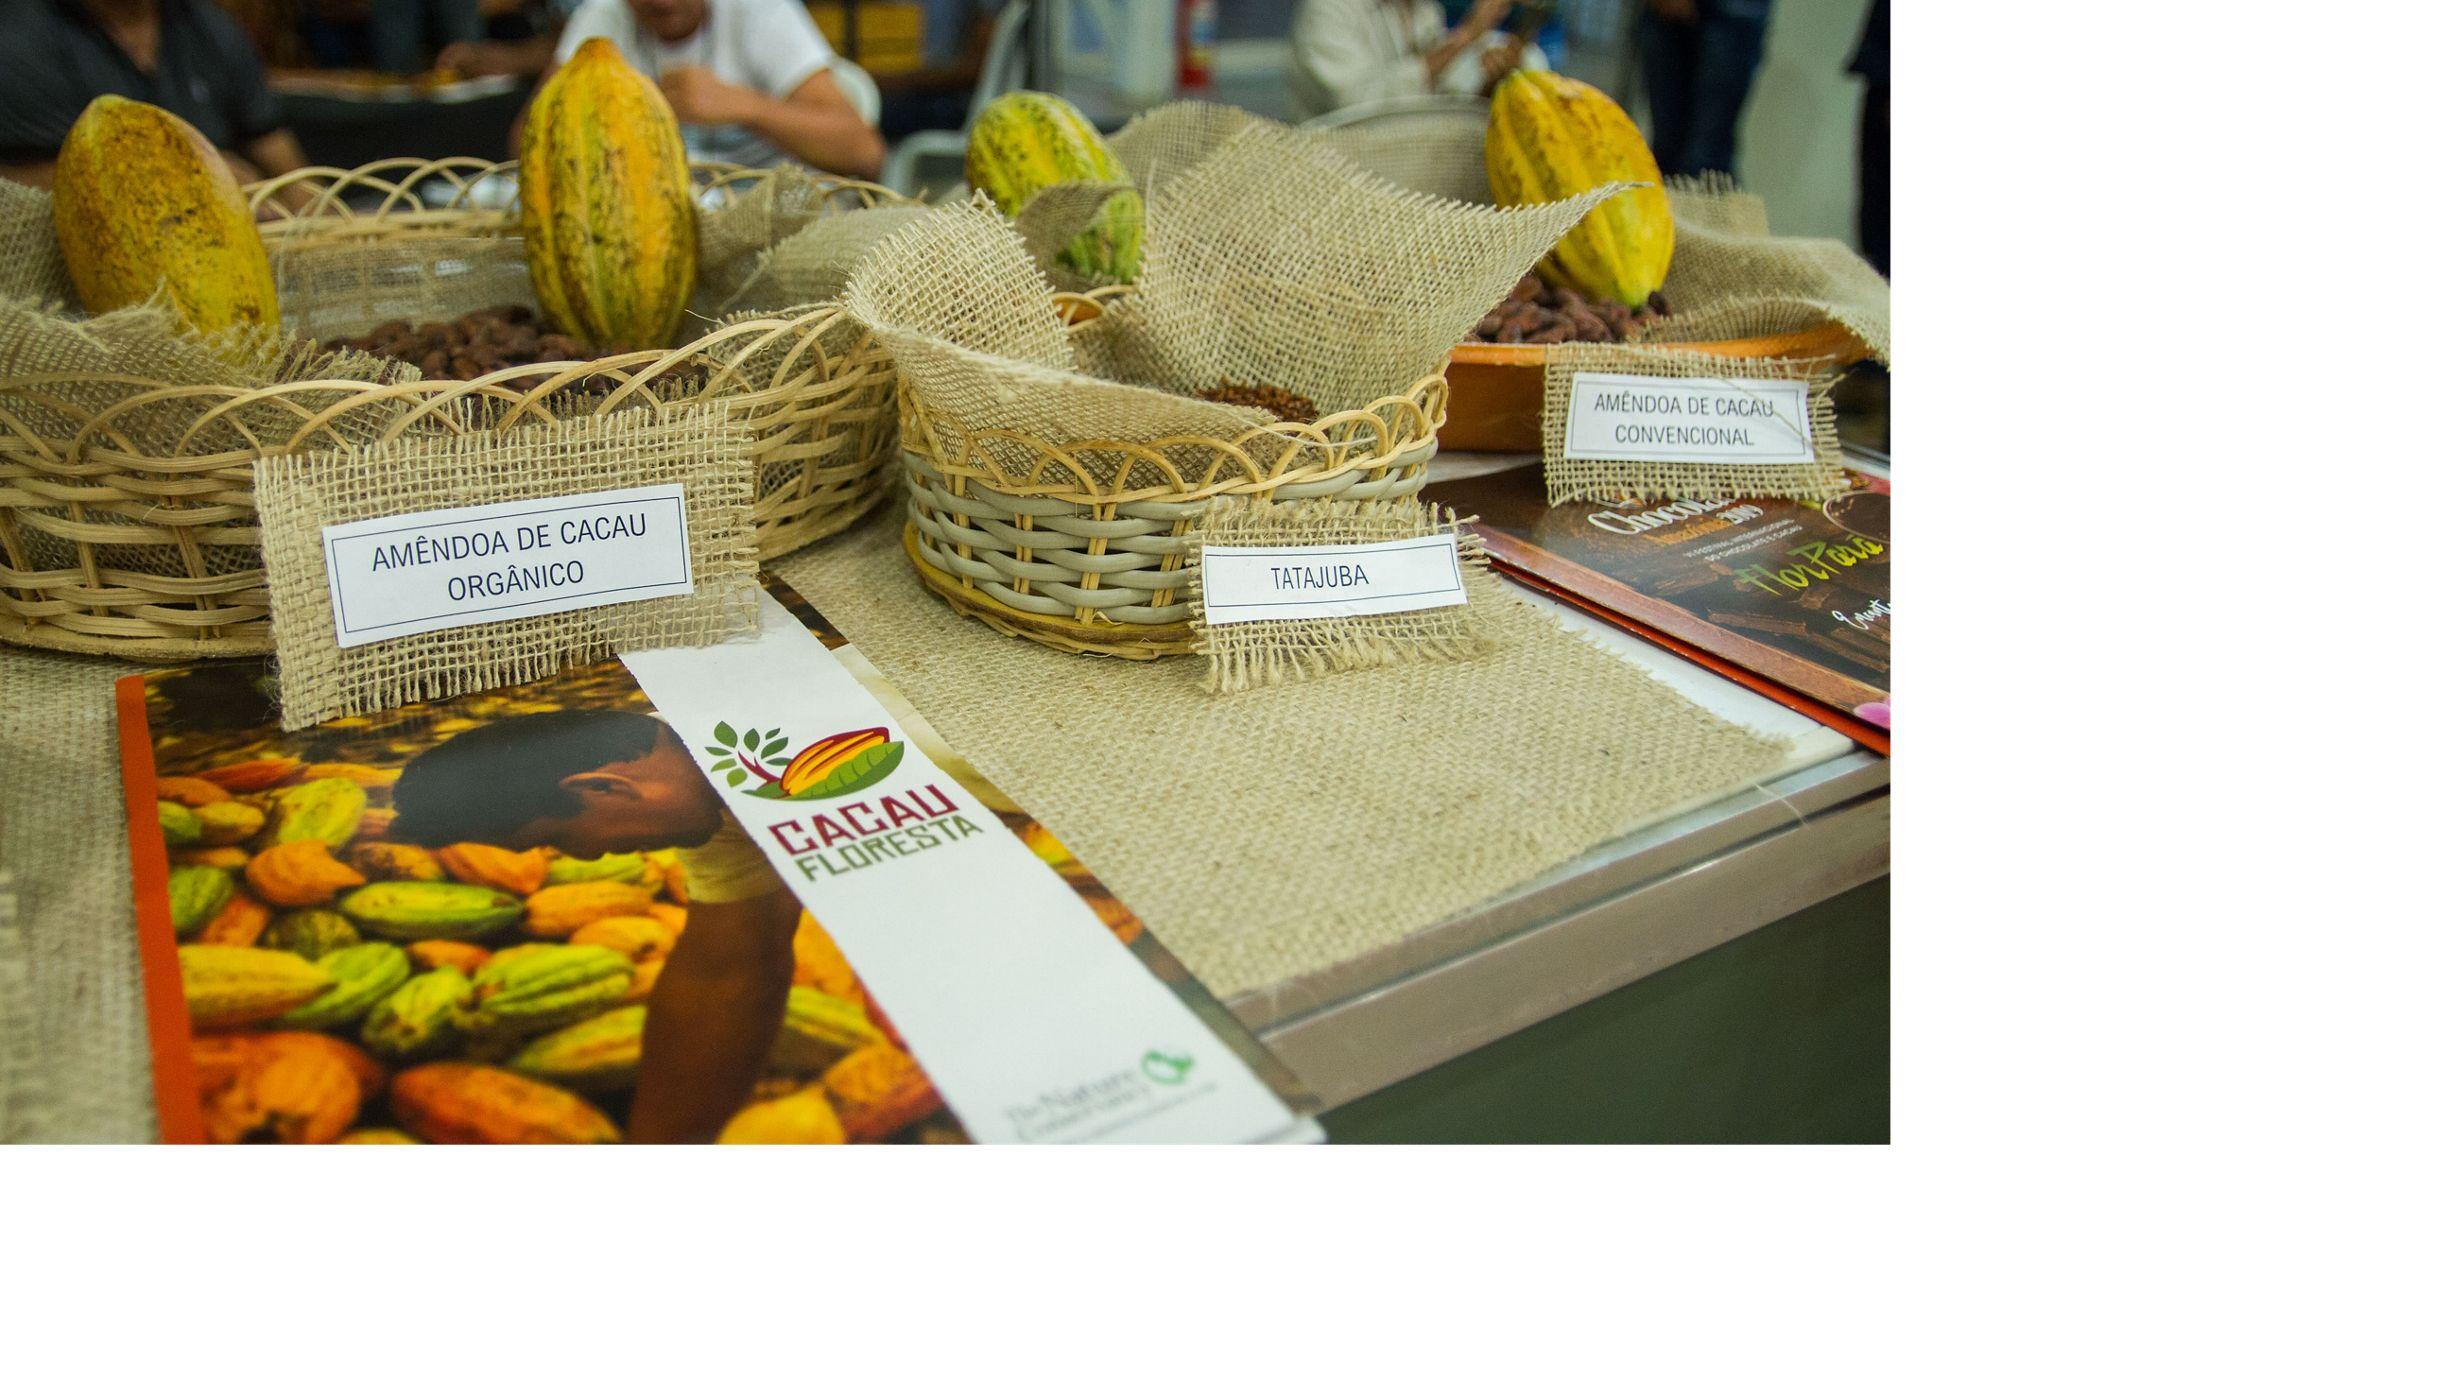 Agricultores e especialistas puderam trocar experiências sobre agroflorestas de cacau durante o Festival do Chocolate 2019.